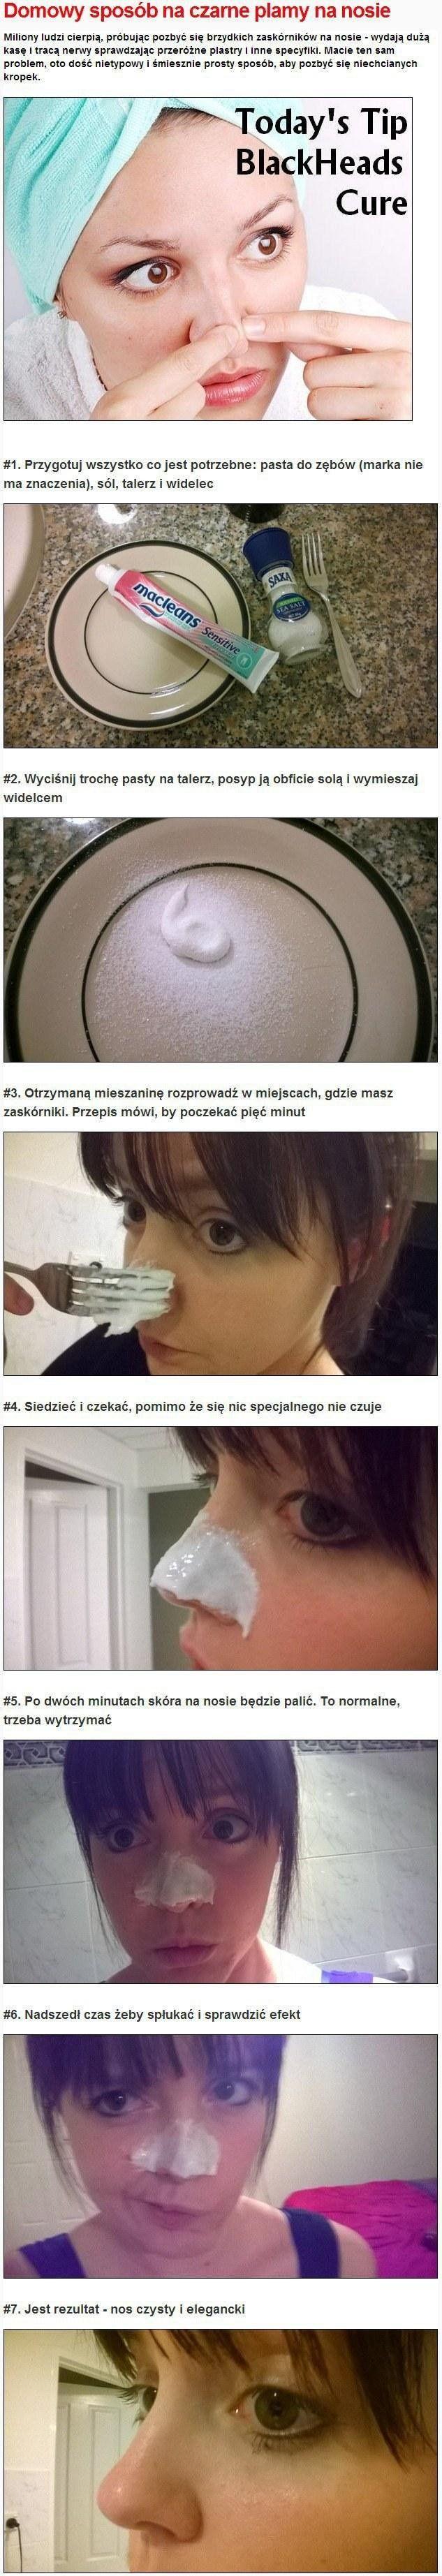 Domowy sposób na CZARNE KROPKI na nosie...